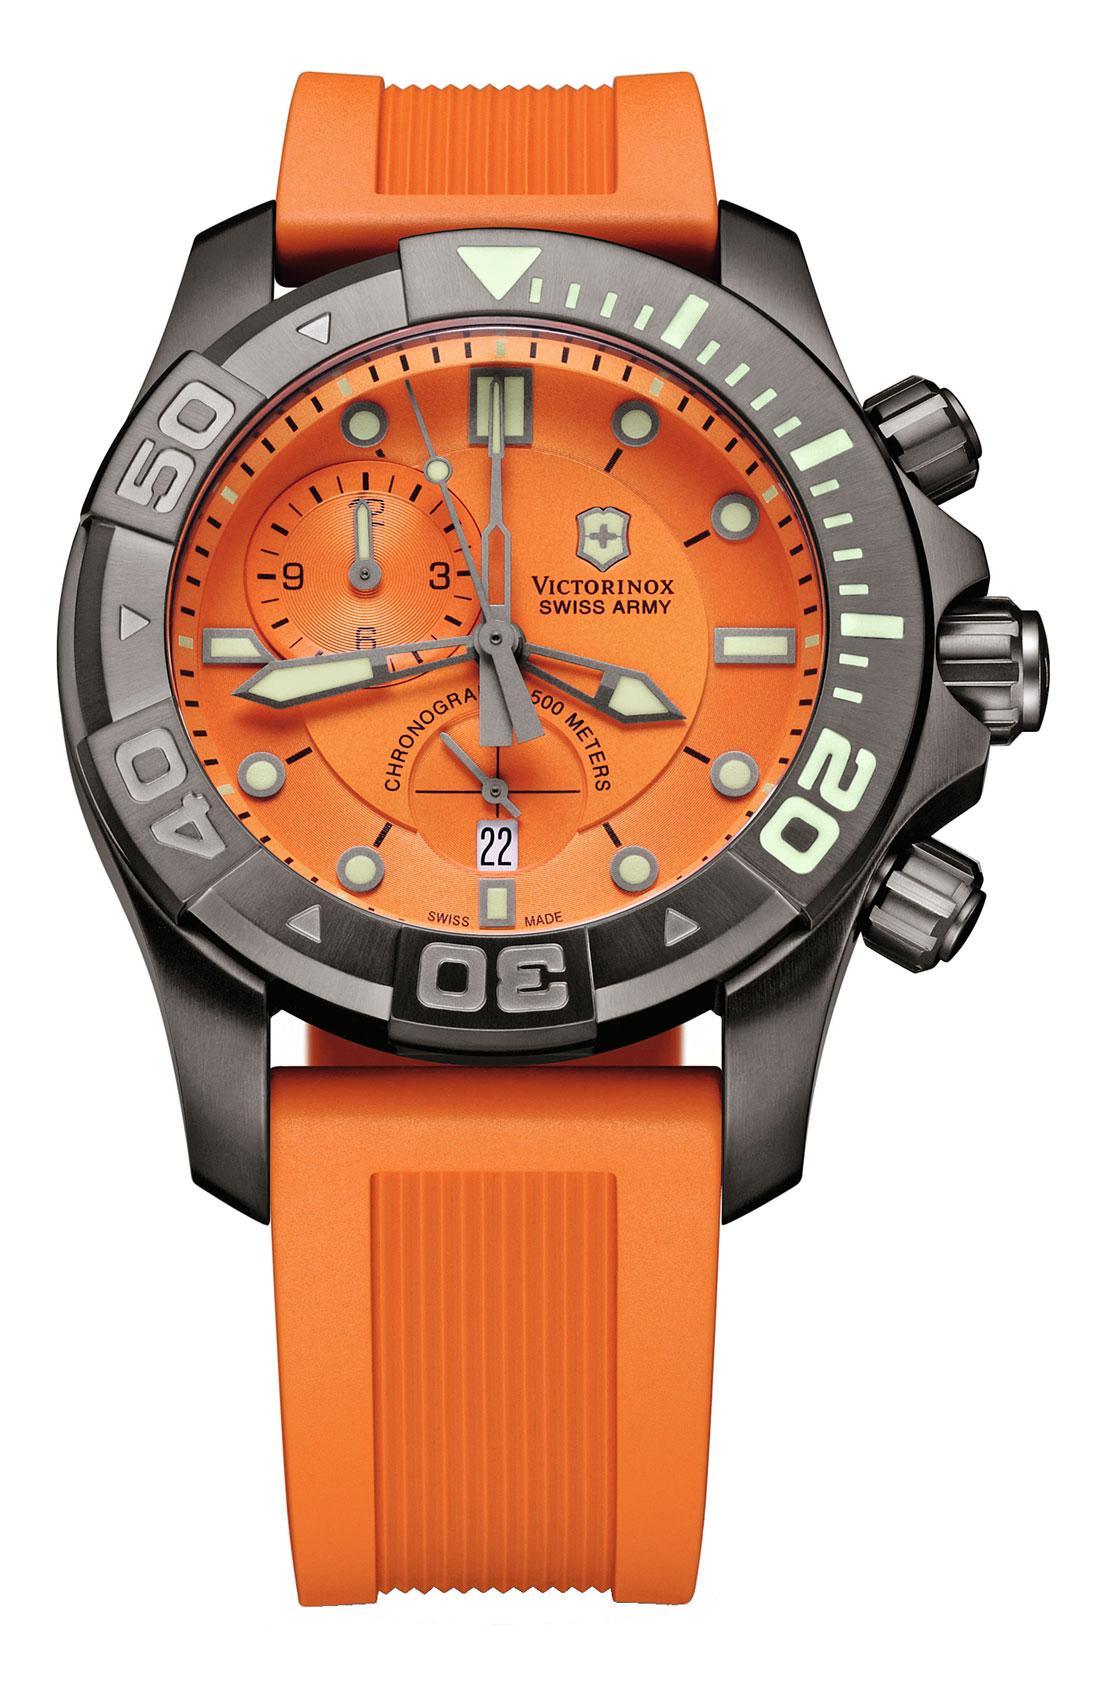 Victorinox dive master 500 chrono watch in orange lyst - Orange dive watch ...